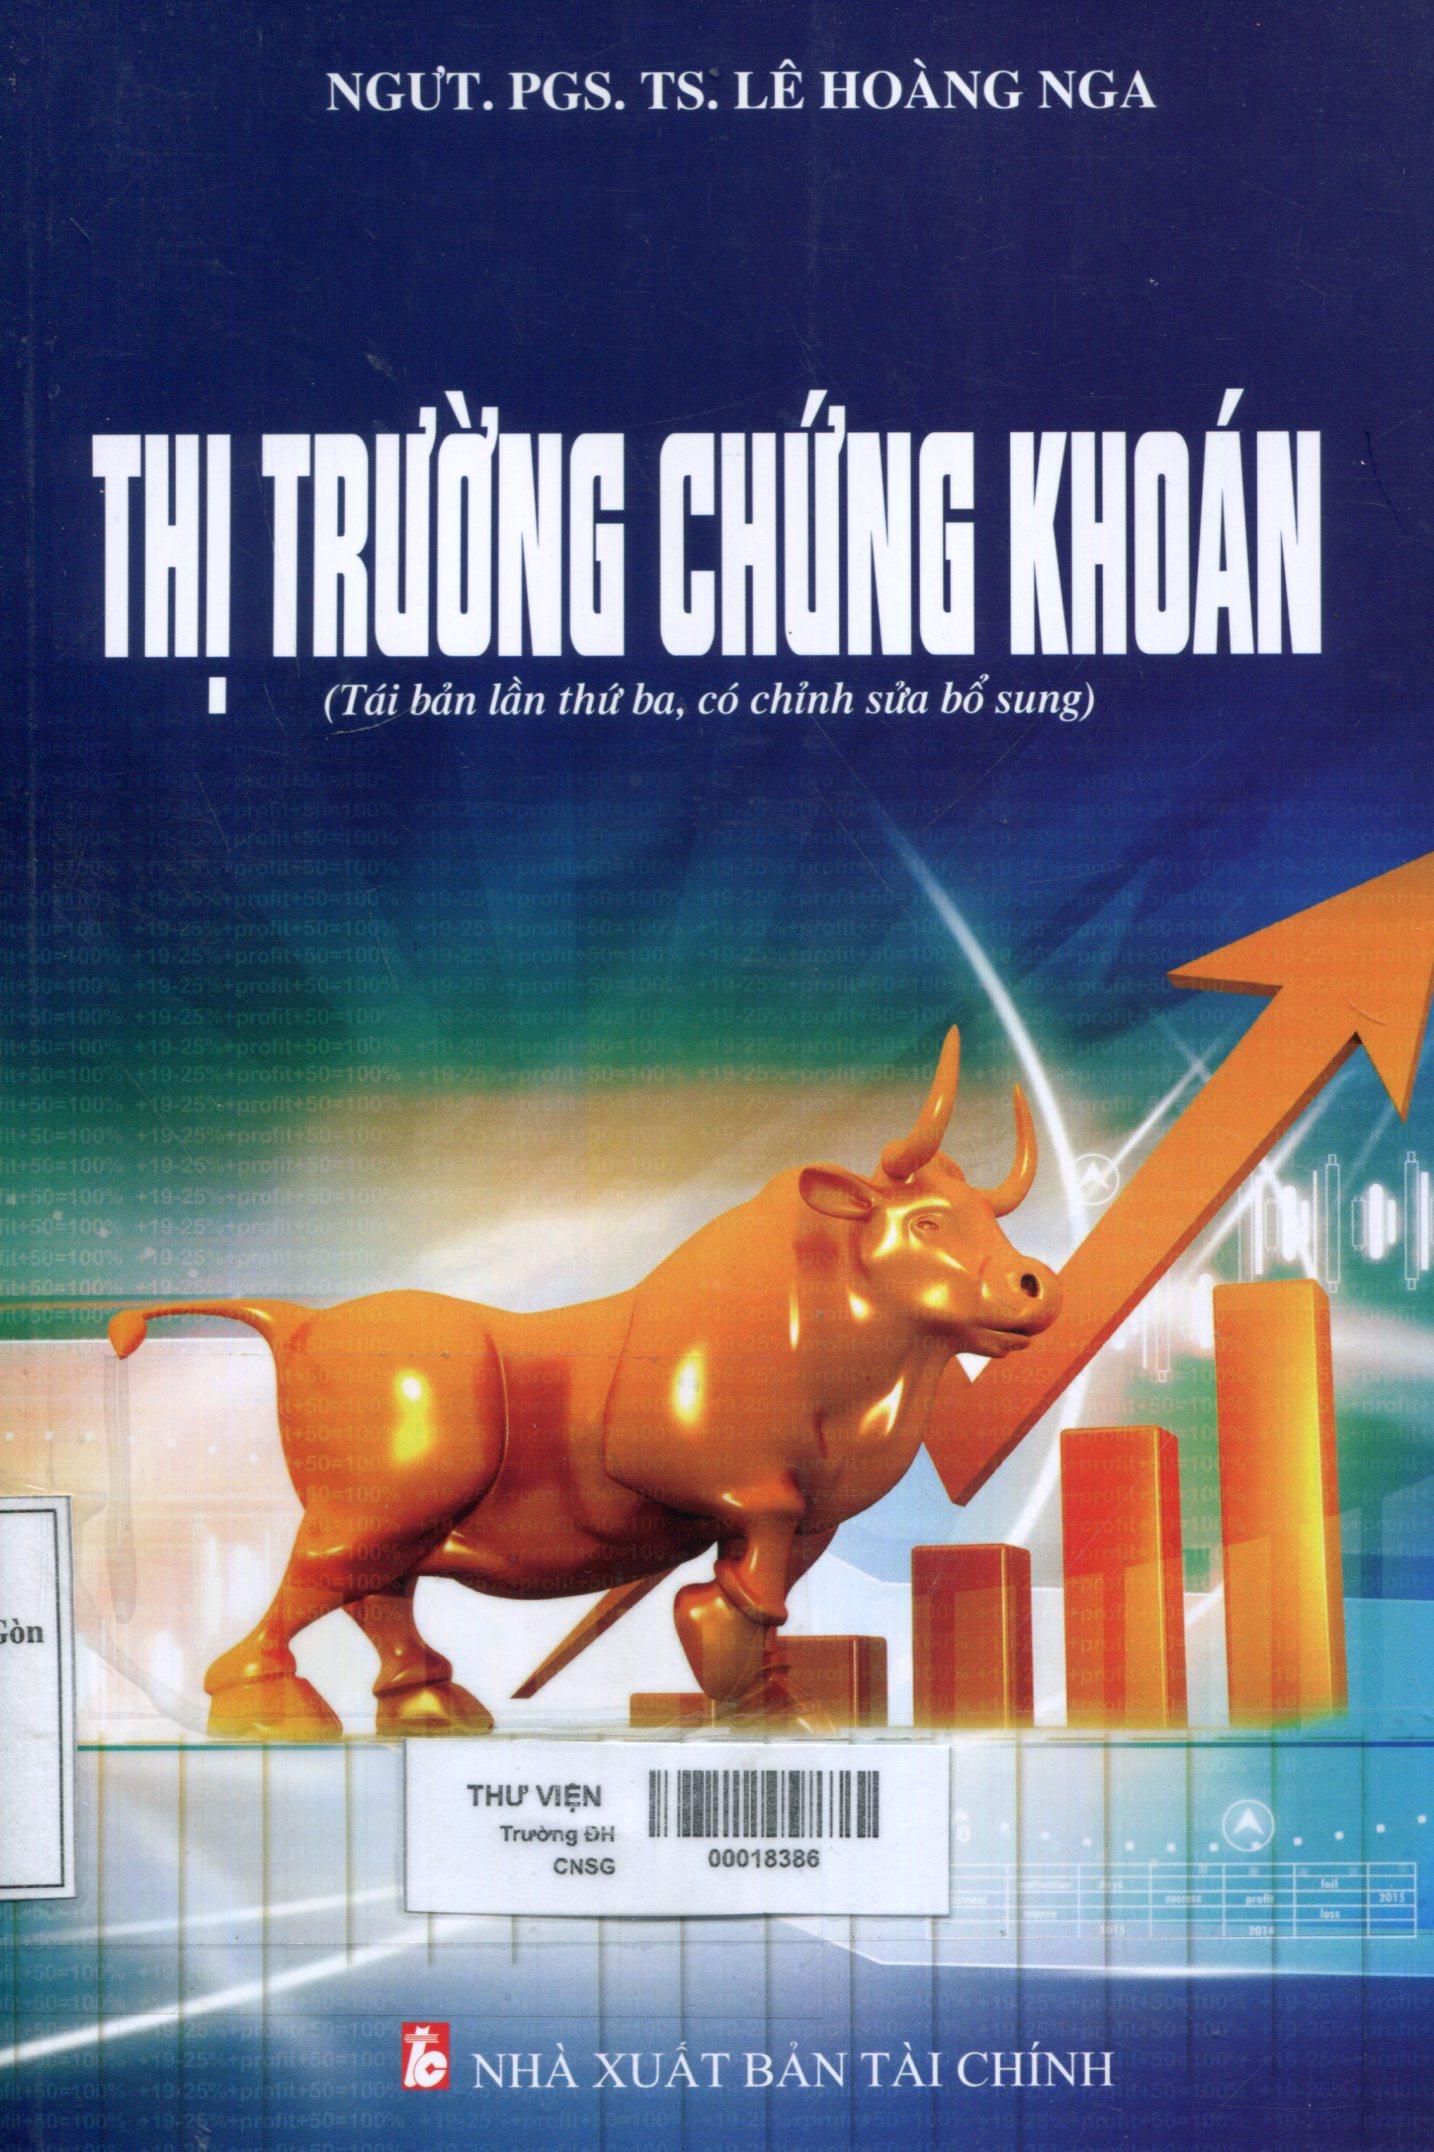 Thị trường chứng khoán : Sách chuyên khảo